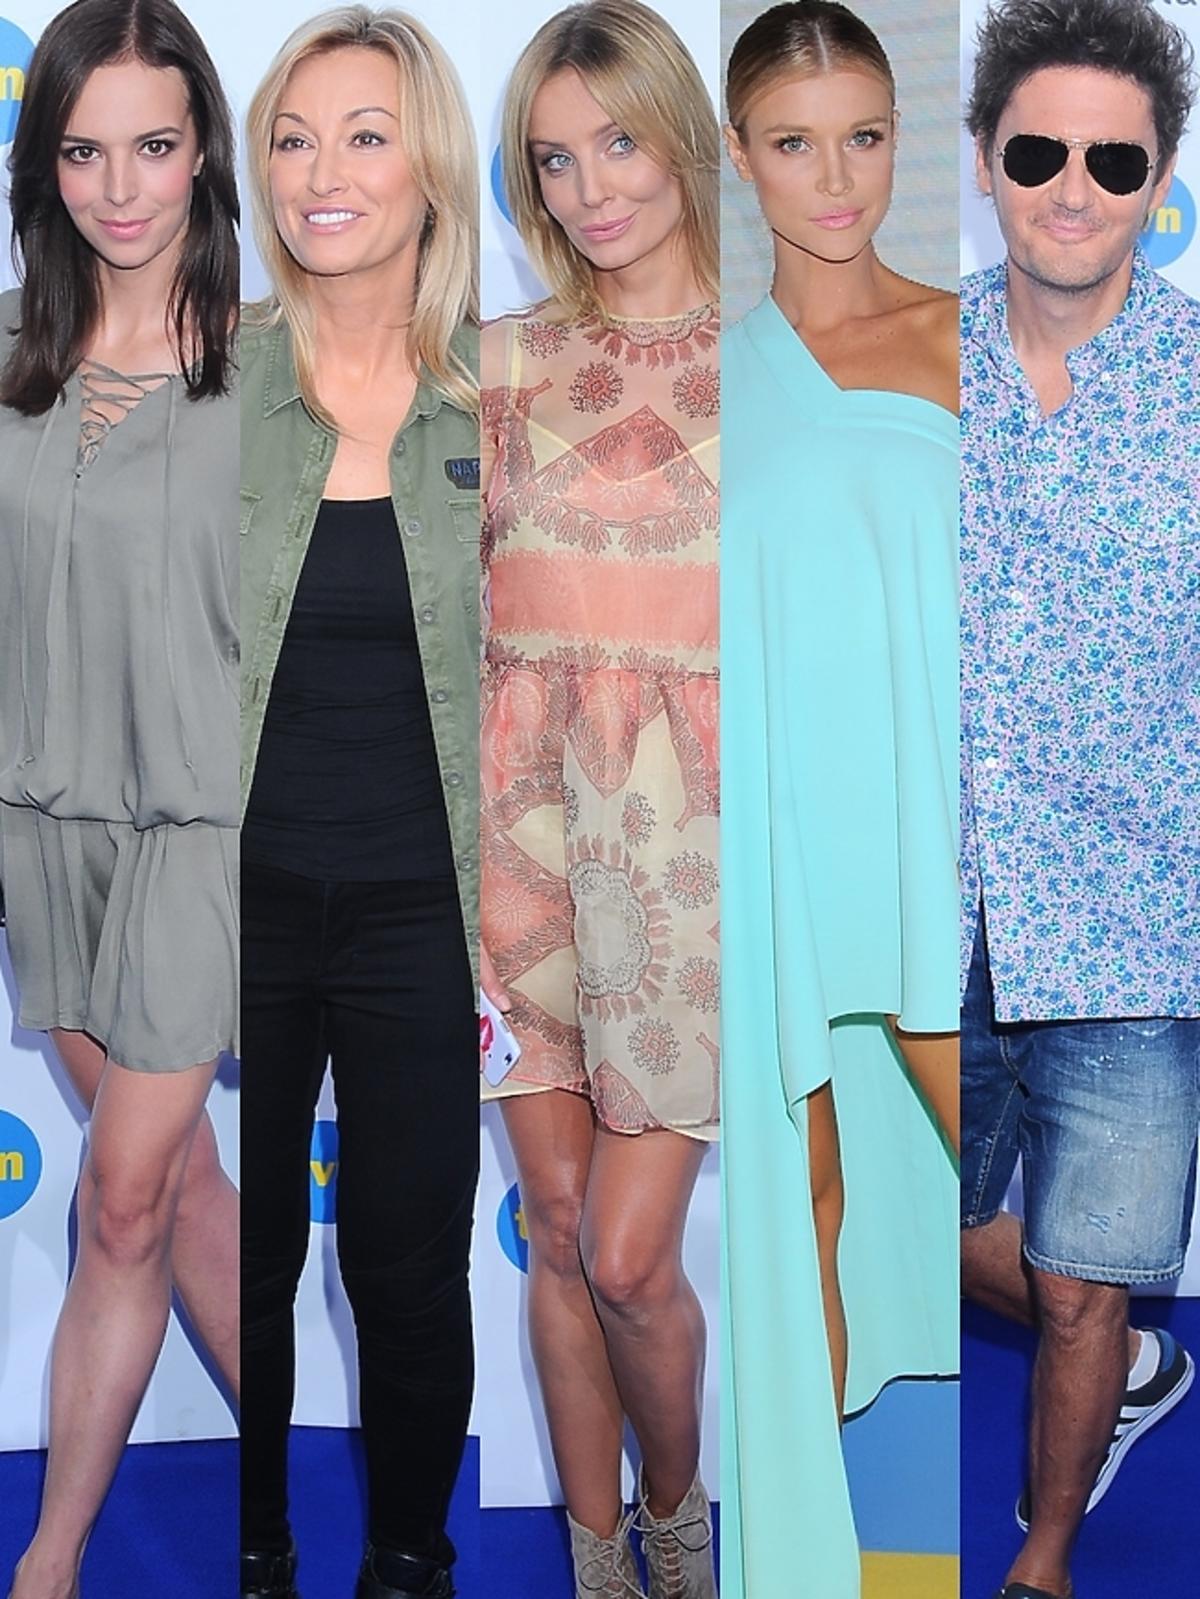 Gwiazdy na konferencji TVN